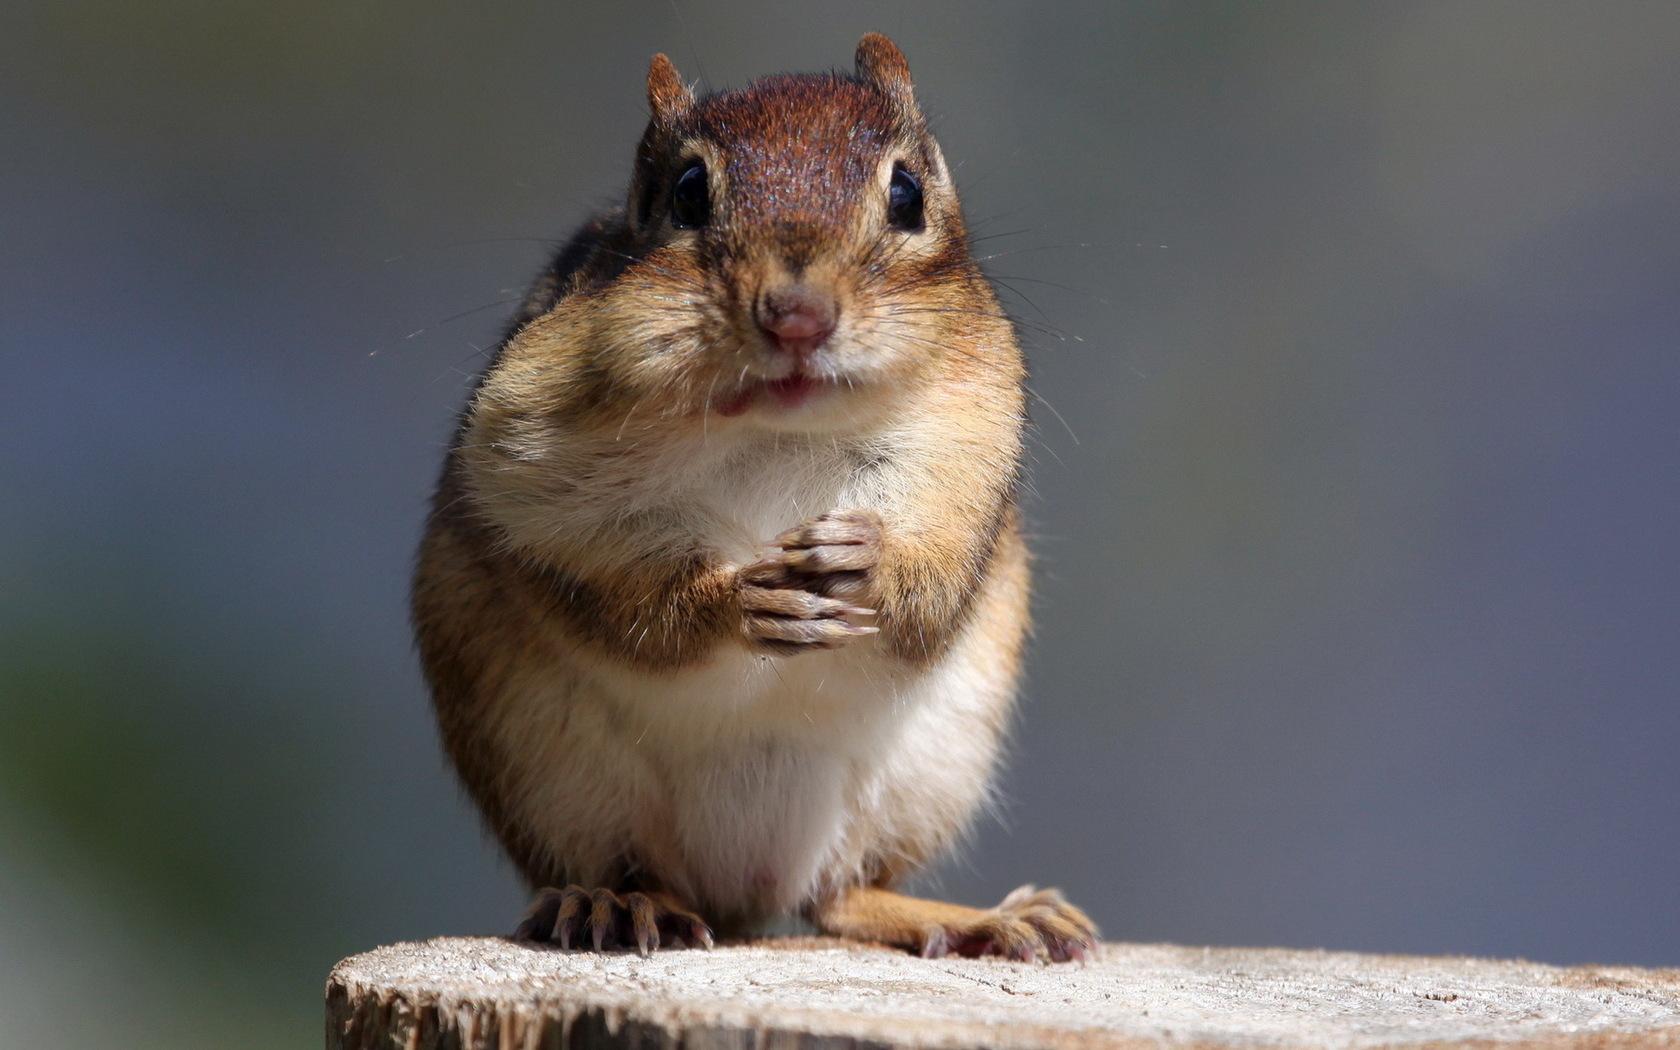 36378 Hintergrundbild herunterladen Tiere, Nagetiere, Chipmunks - Bildschirmschoner und Bilder kostenlos